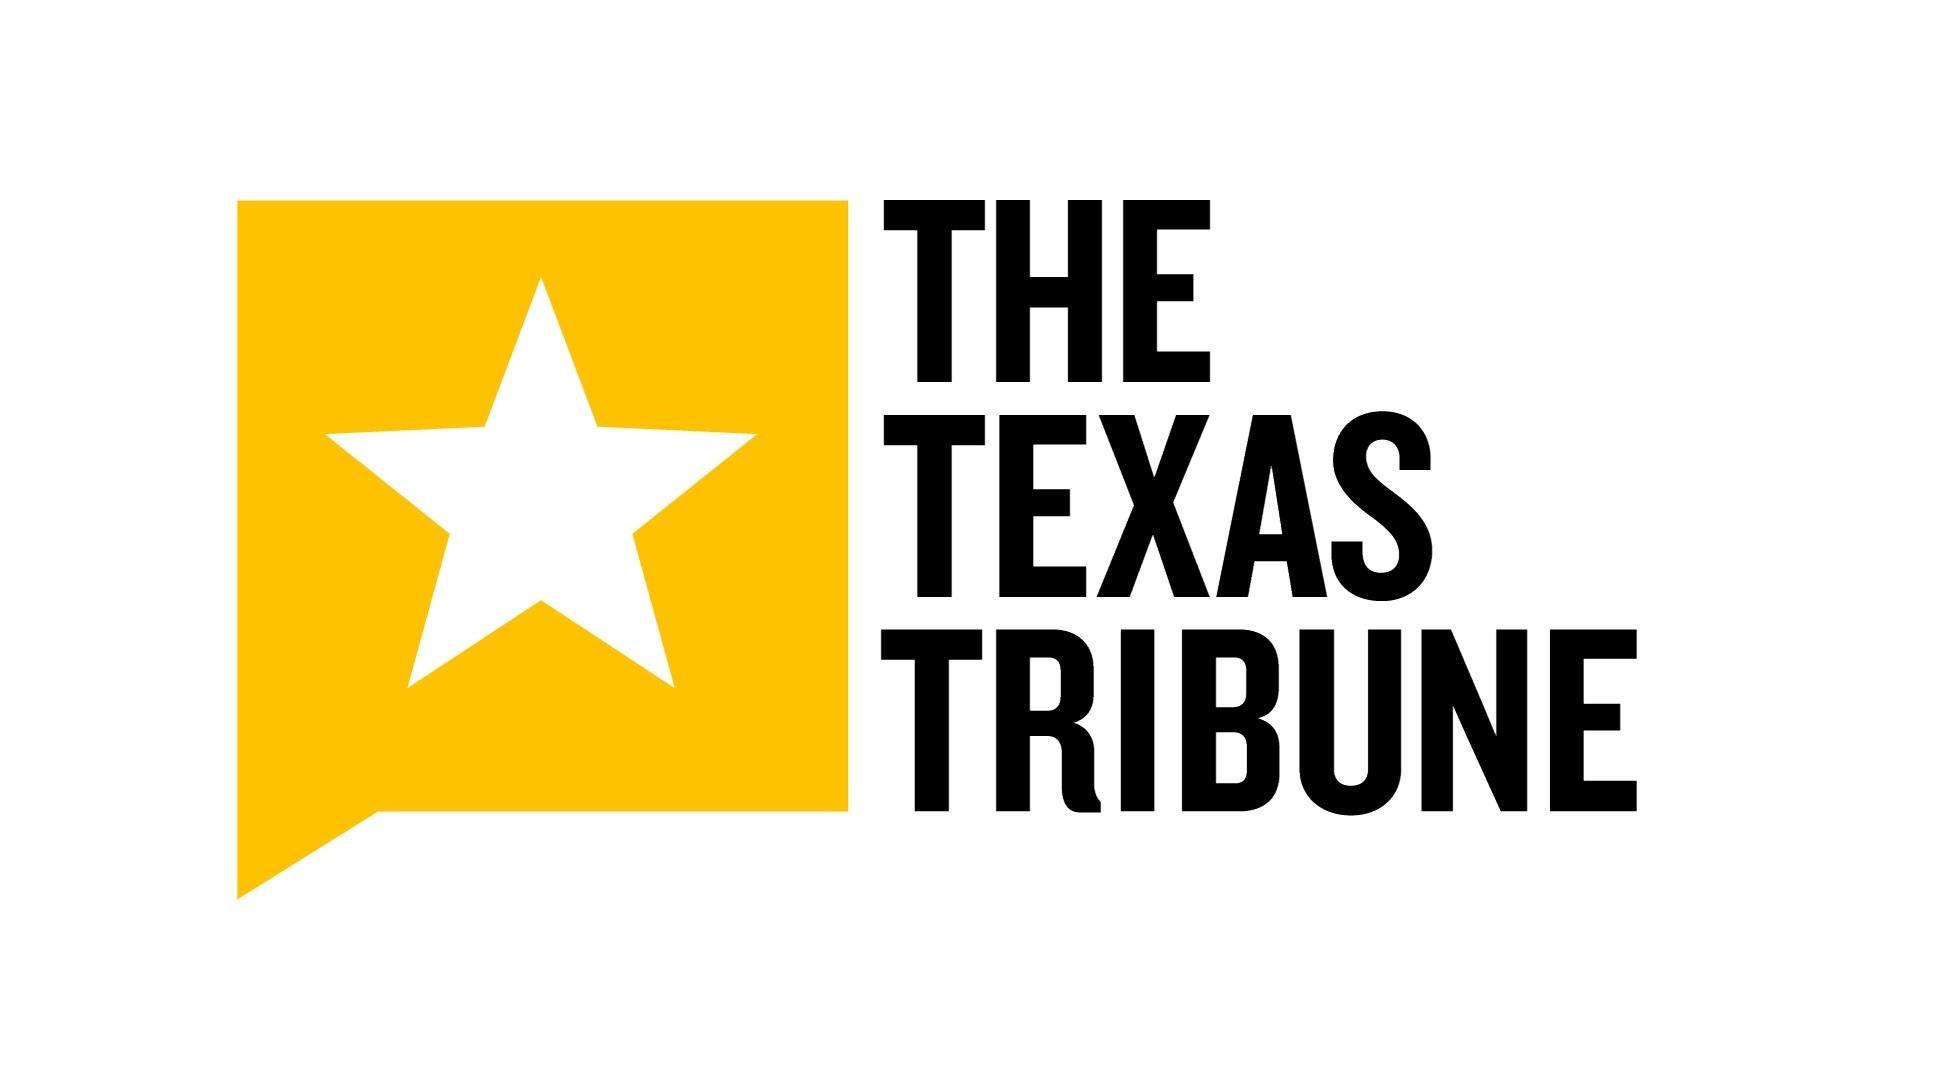 TexasTribuneLogo_compact.jpg